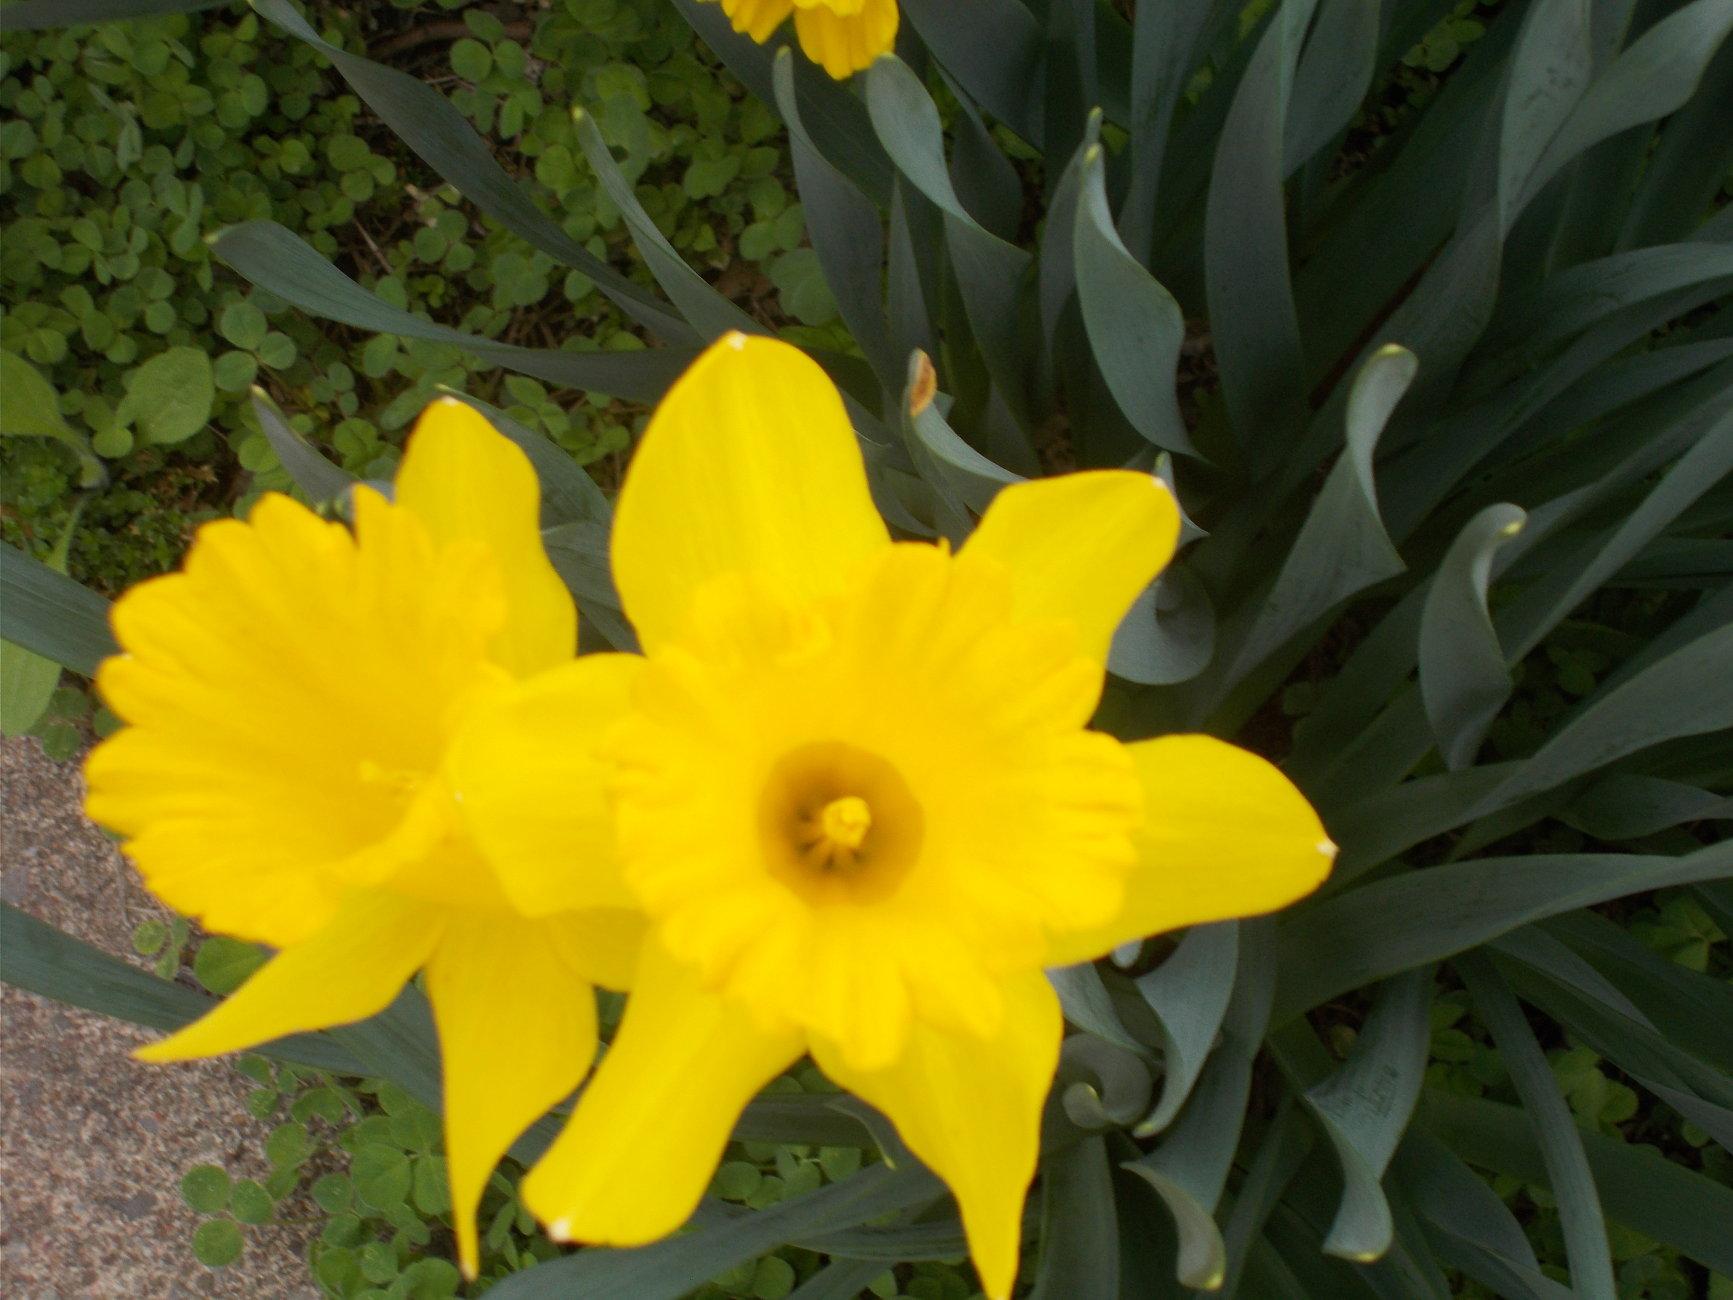 A Yellow Daffodil